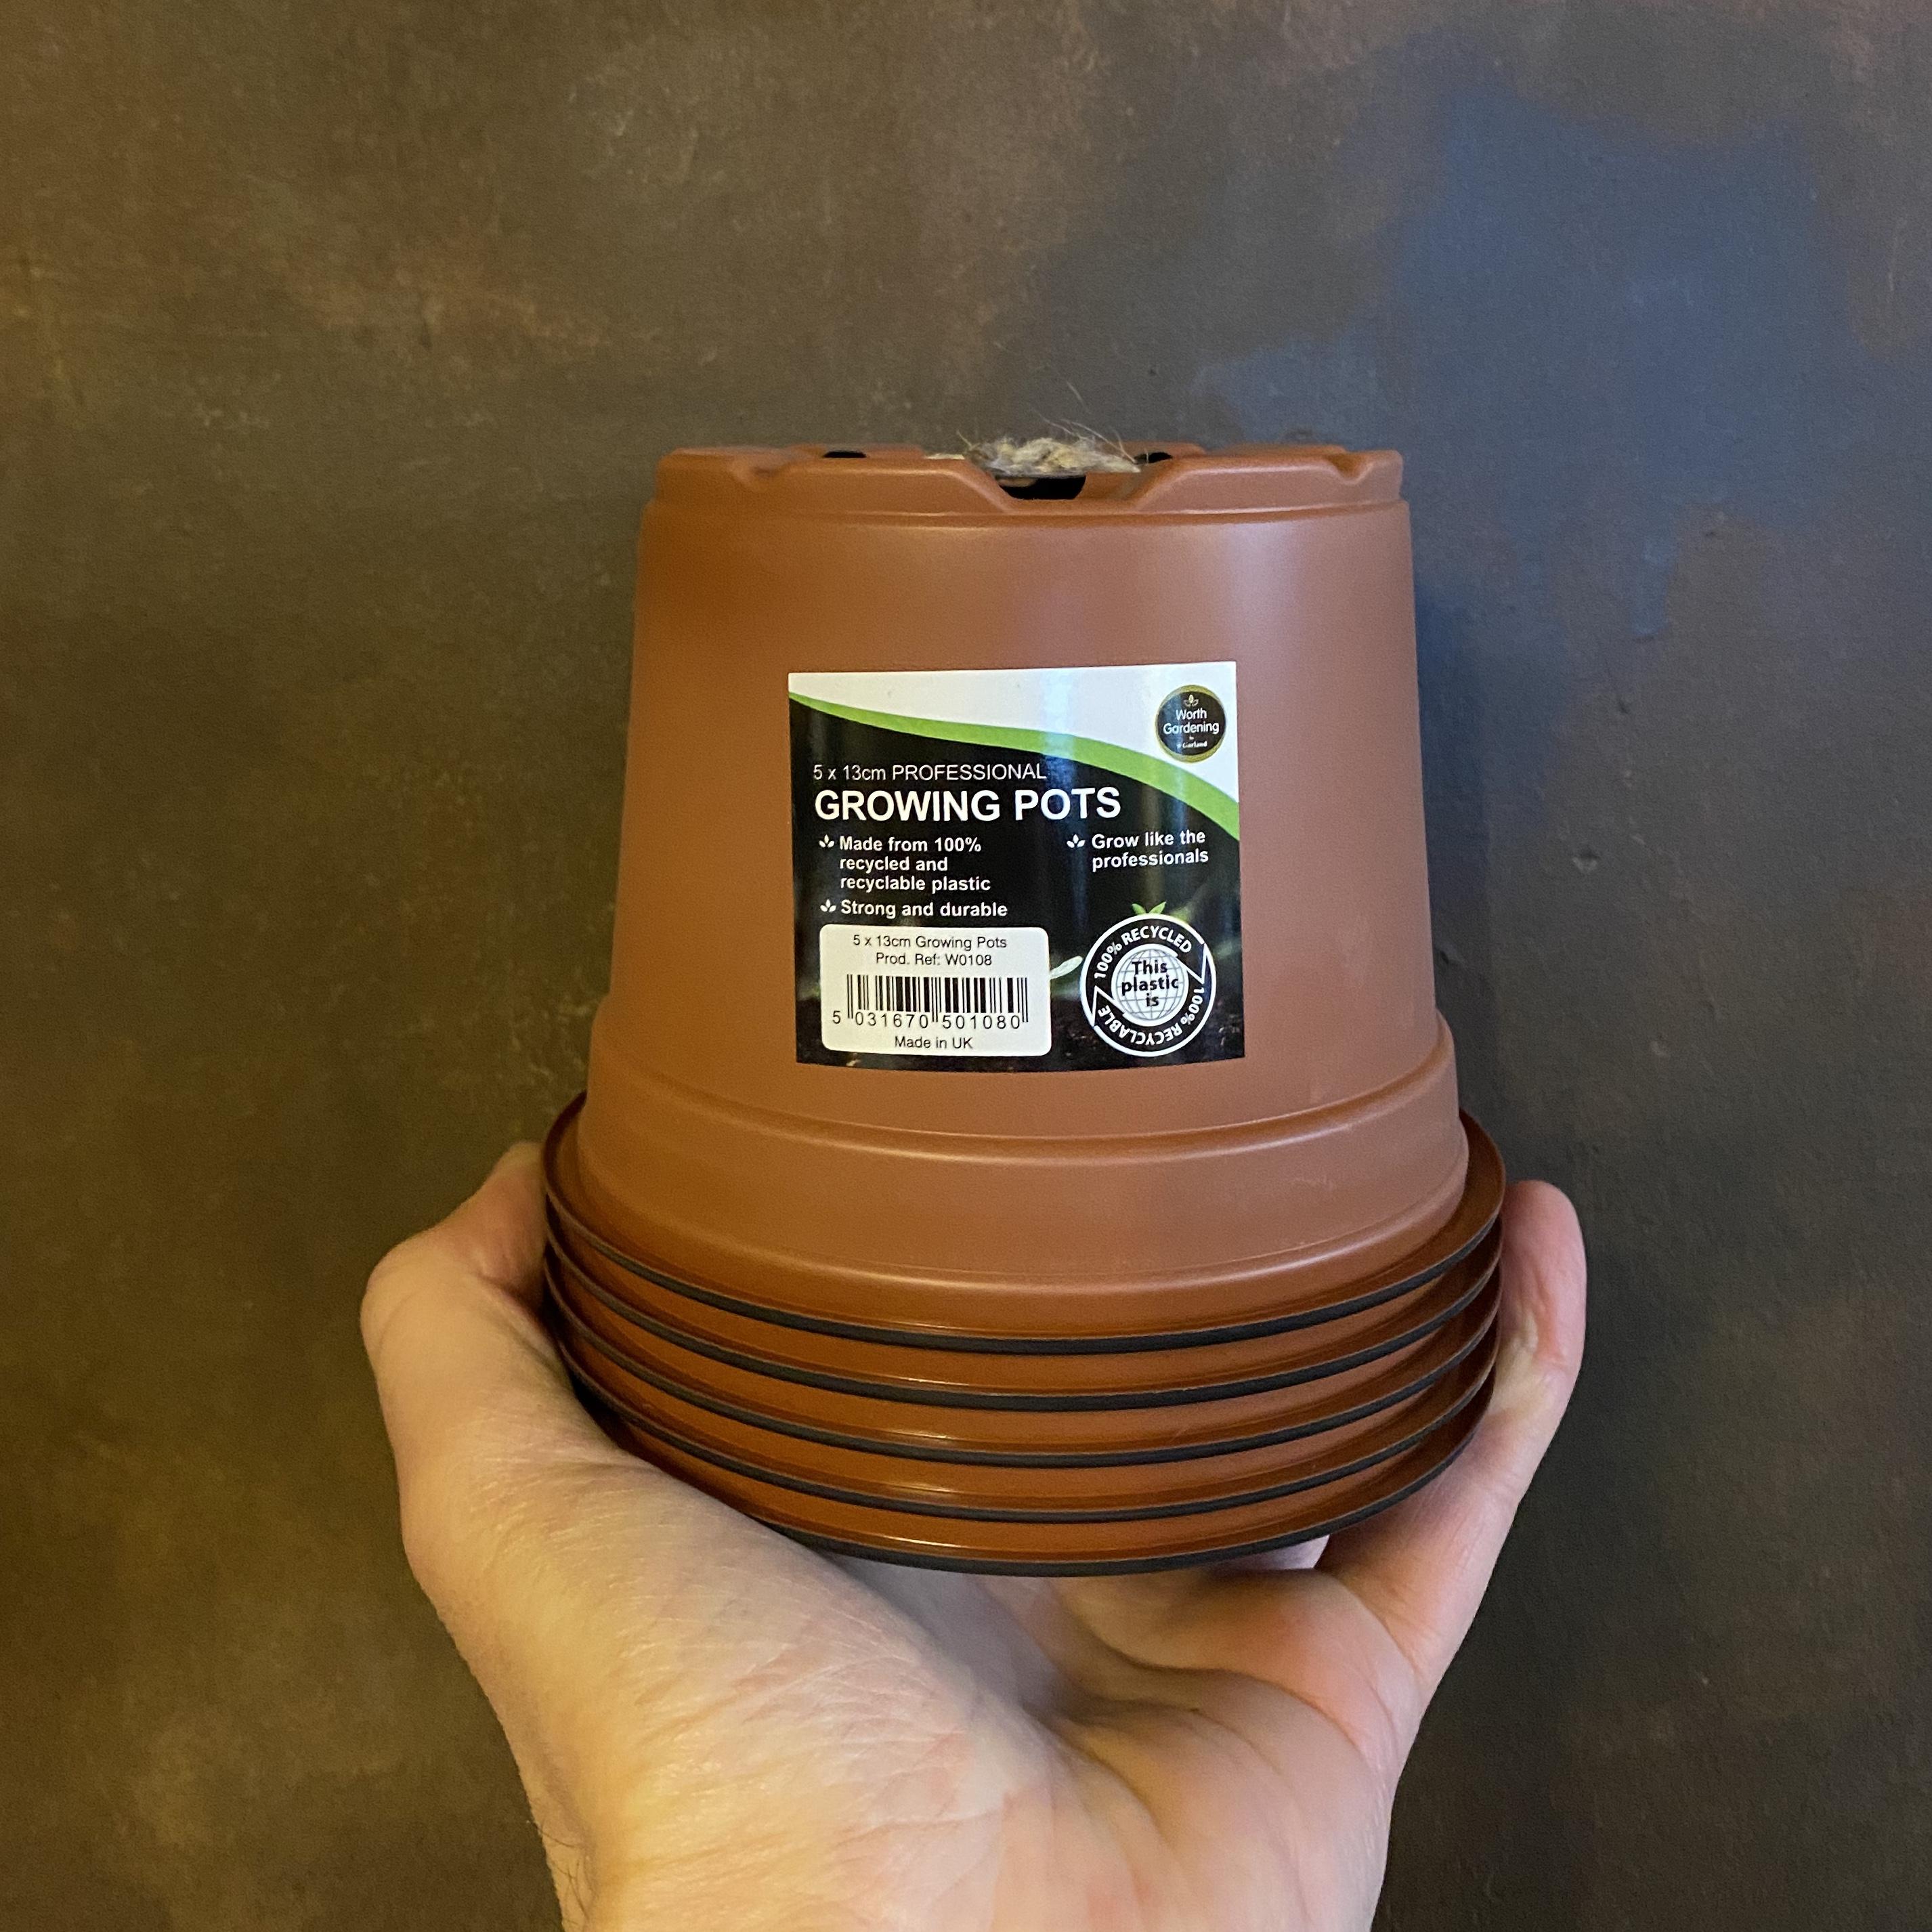 Growing Pots